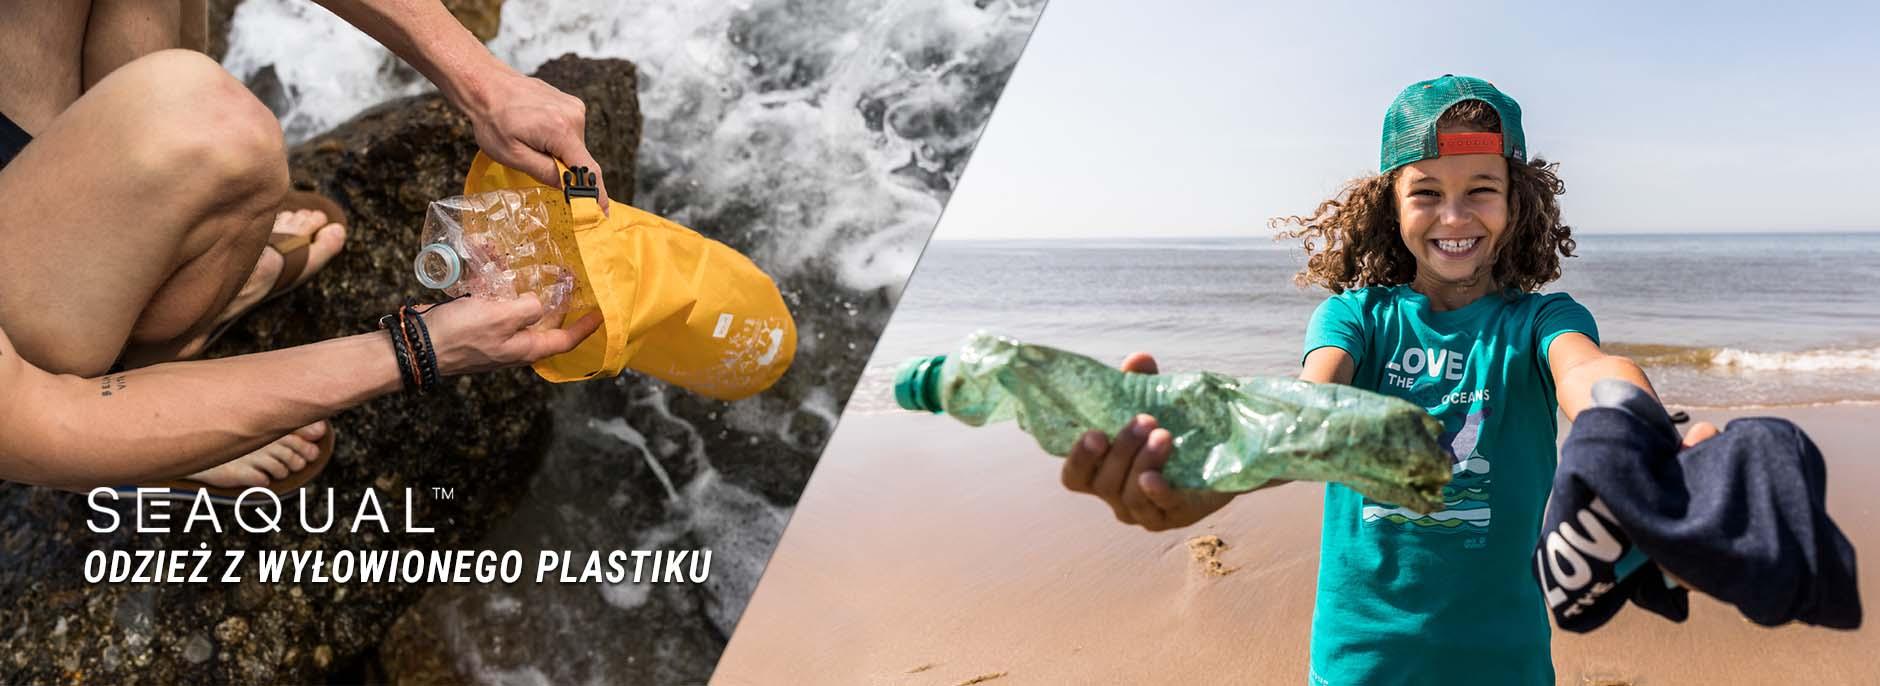 Seaqual - Odzież z Plastiku Wyłowionego z Morza